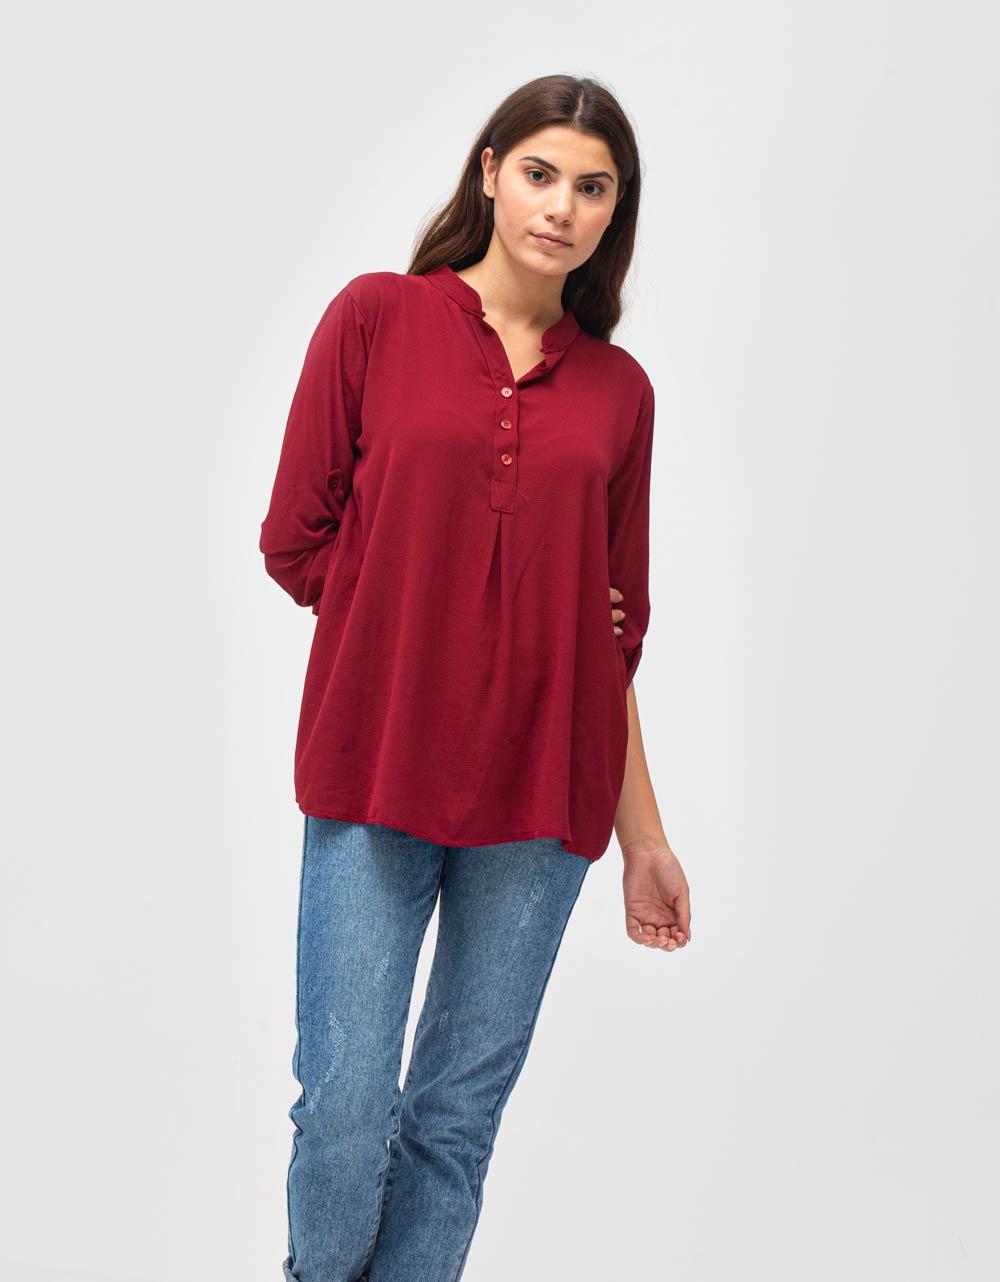 Εικόνα από Γυναικείο πουκάμισο ασύμμετρο Μπορντώ